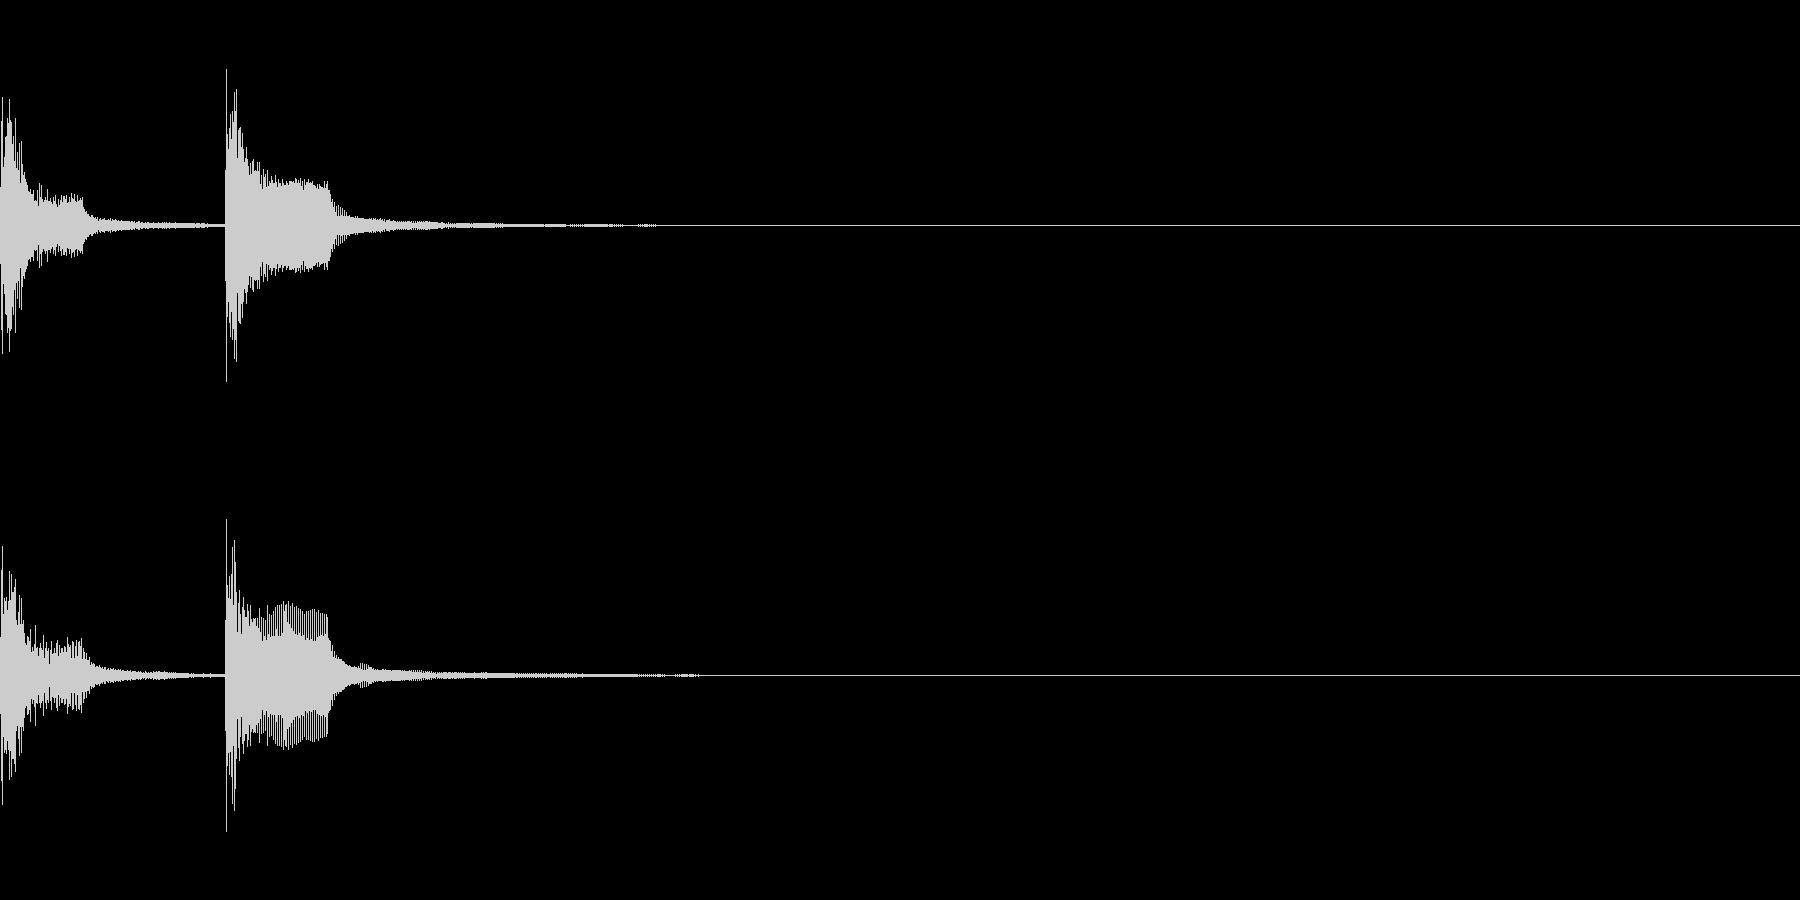 チャンチャン(失敗、台無し)A05の未再生の波形